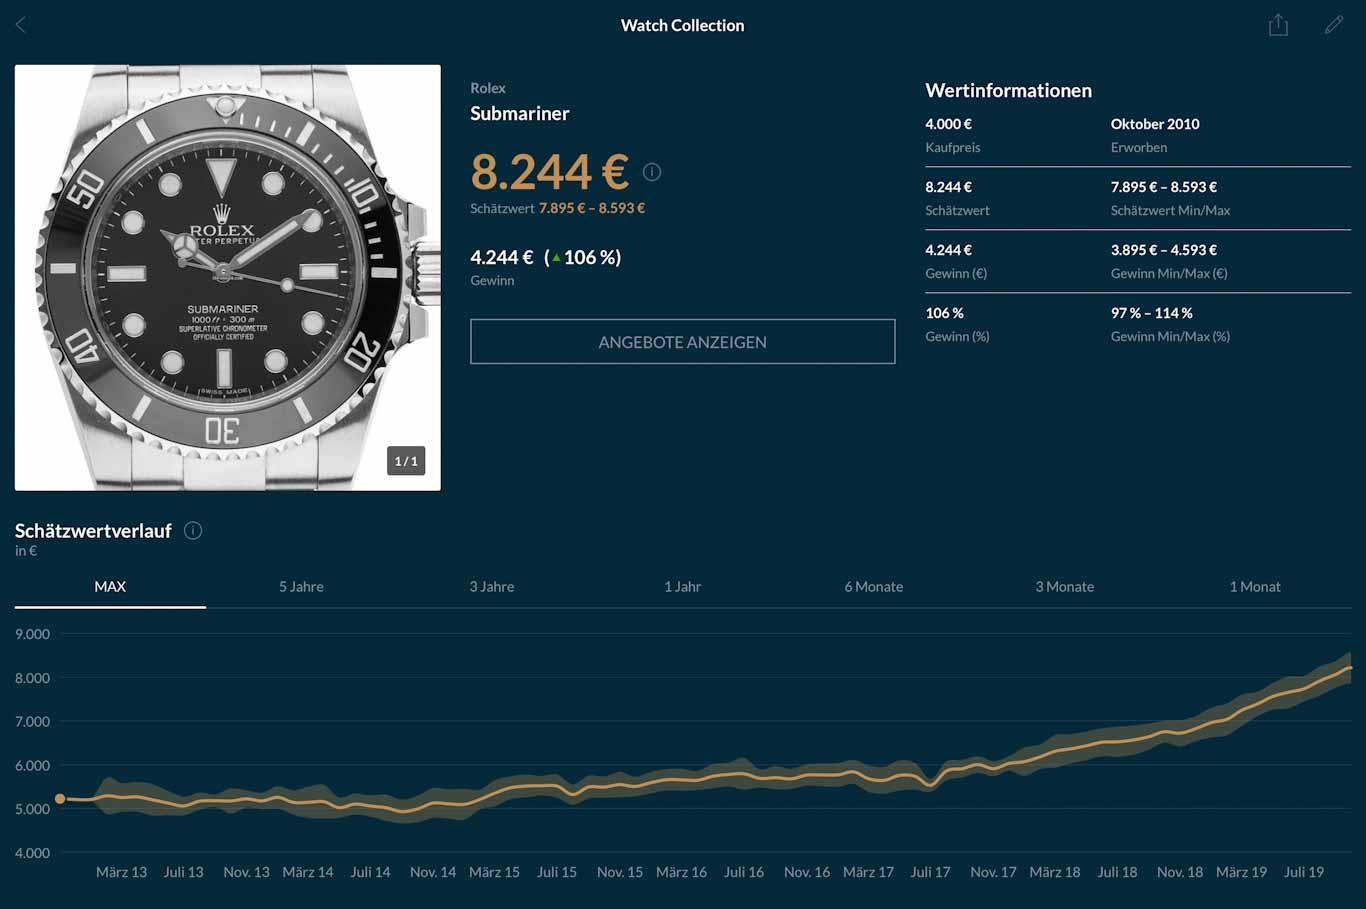 Wertsteigerung Rolex Submariner